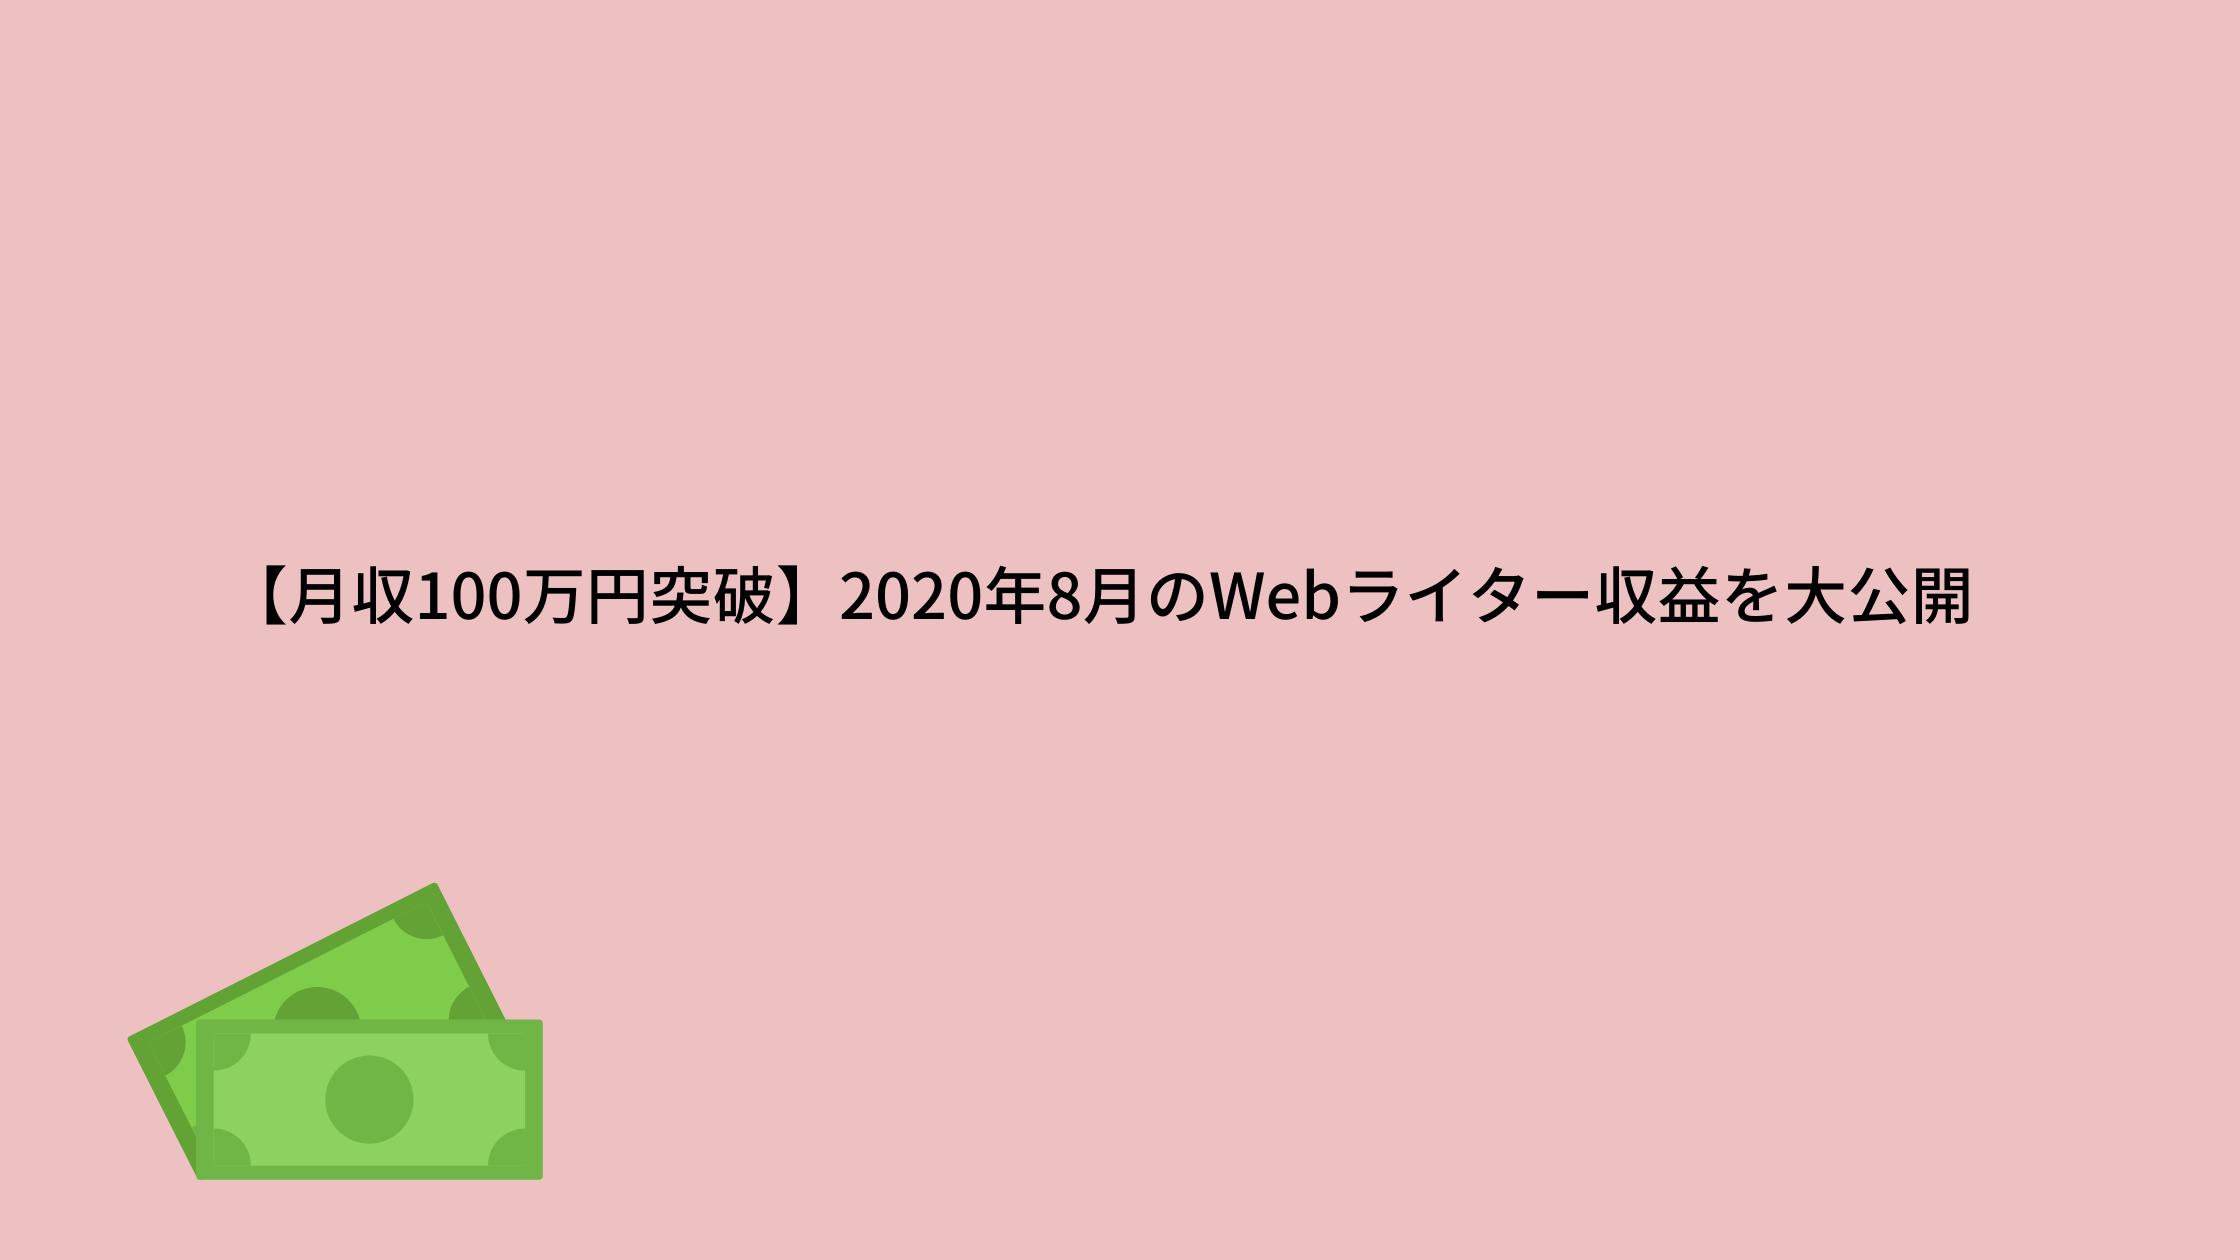 【月収100万円突破】2020年8月のWebライター収益を大公開